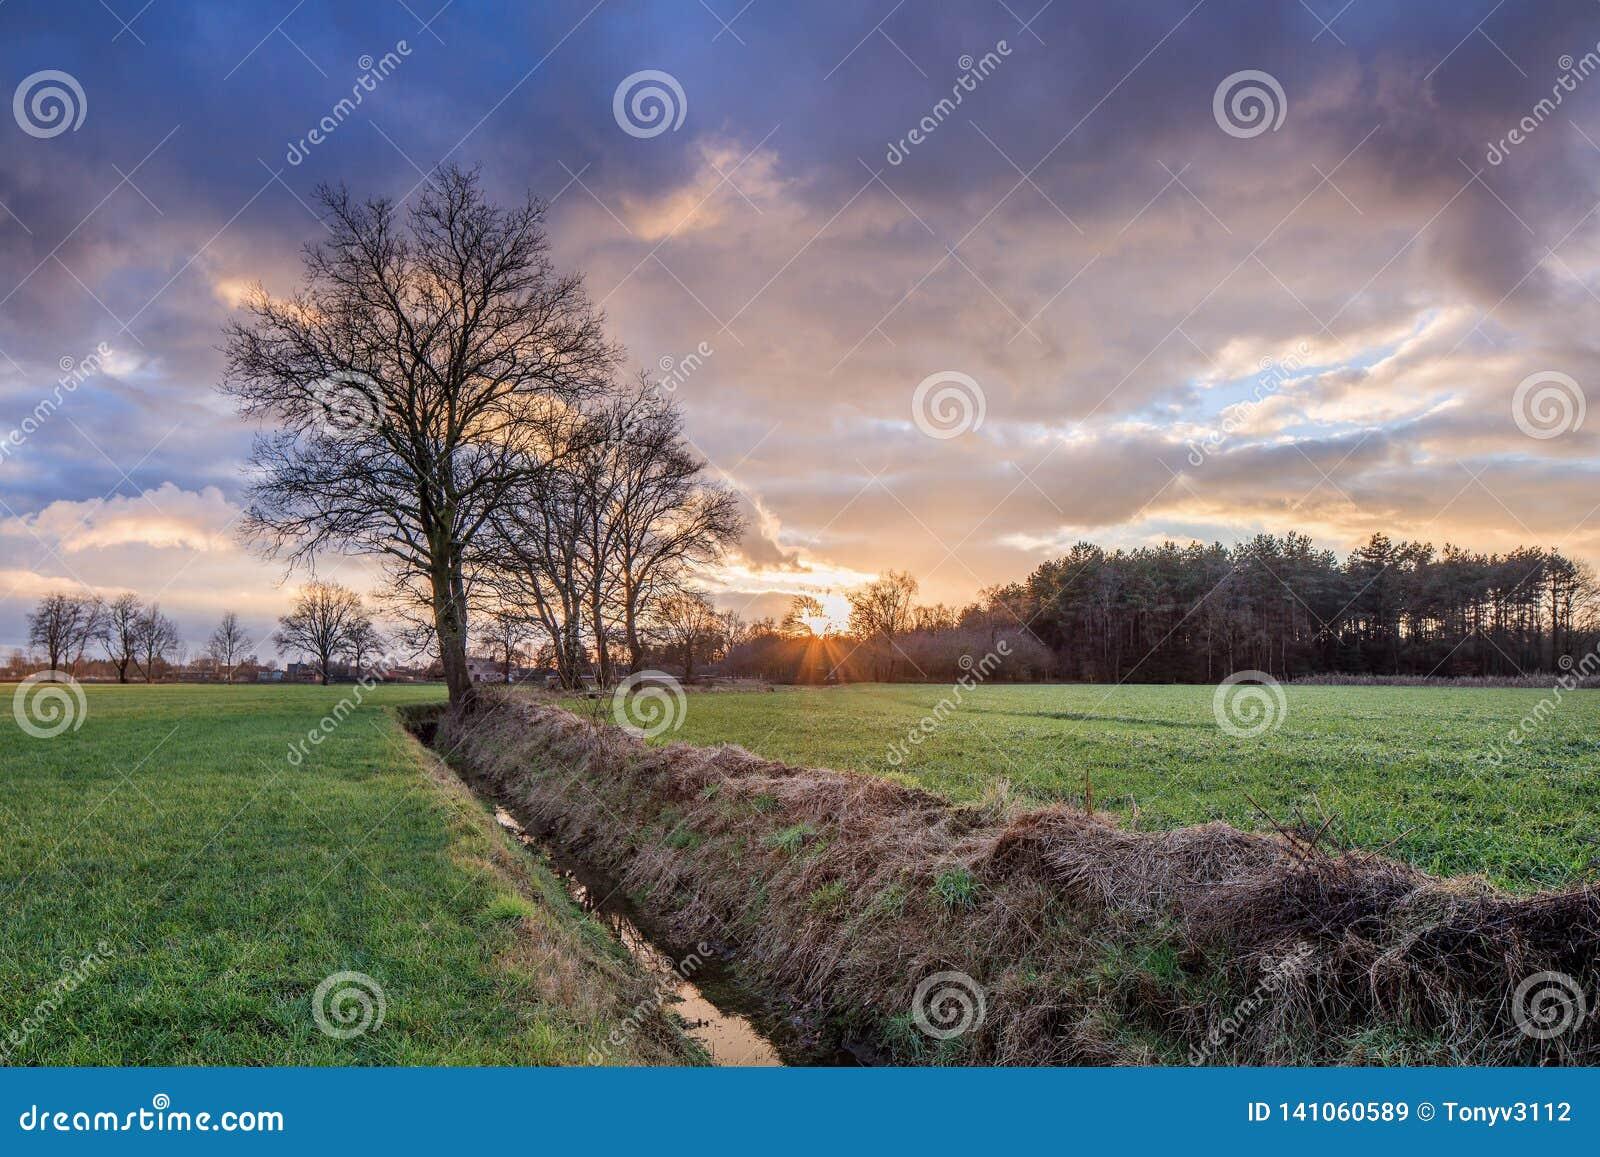 Lantligt landskap, fält med träd nära ett dike och färgrik solnedgång med dramatiska moln, Weelde, Belgien